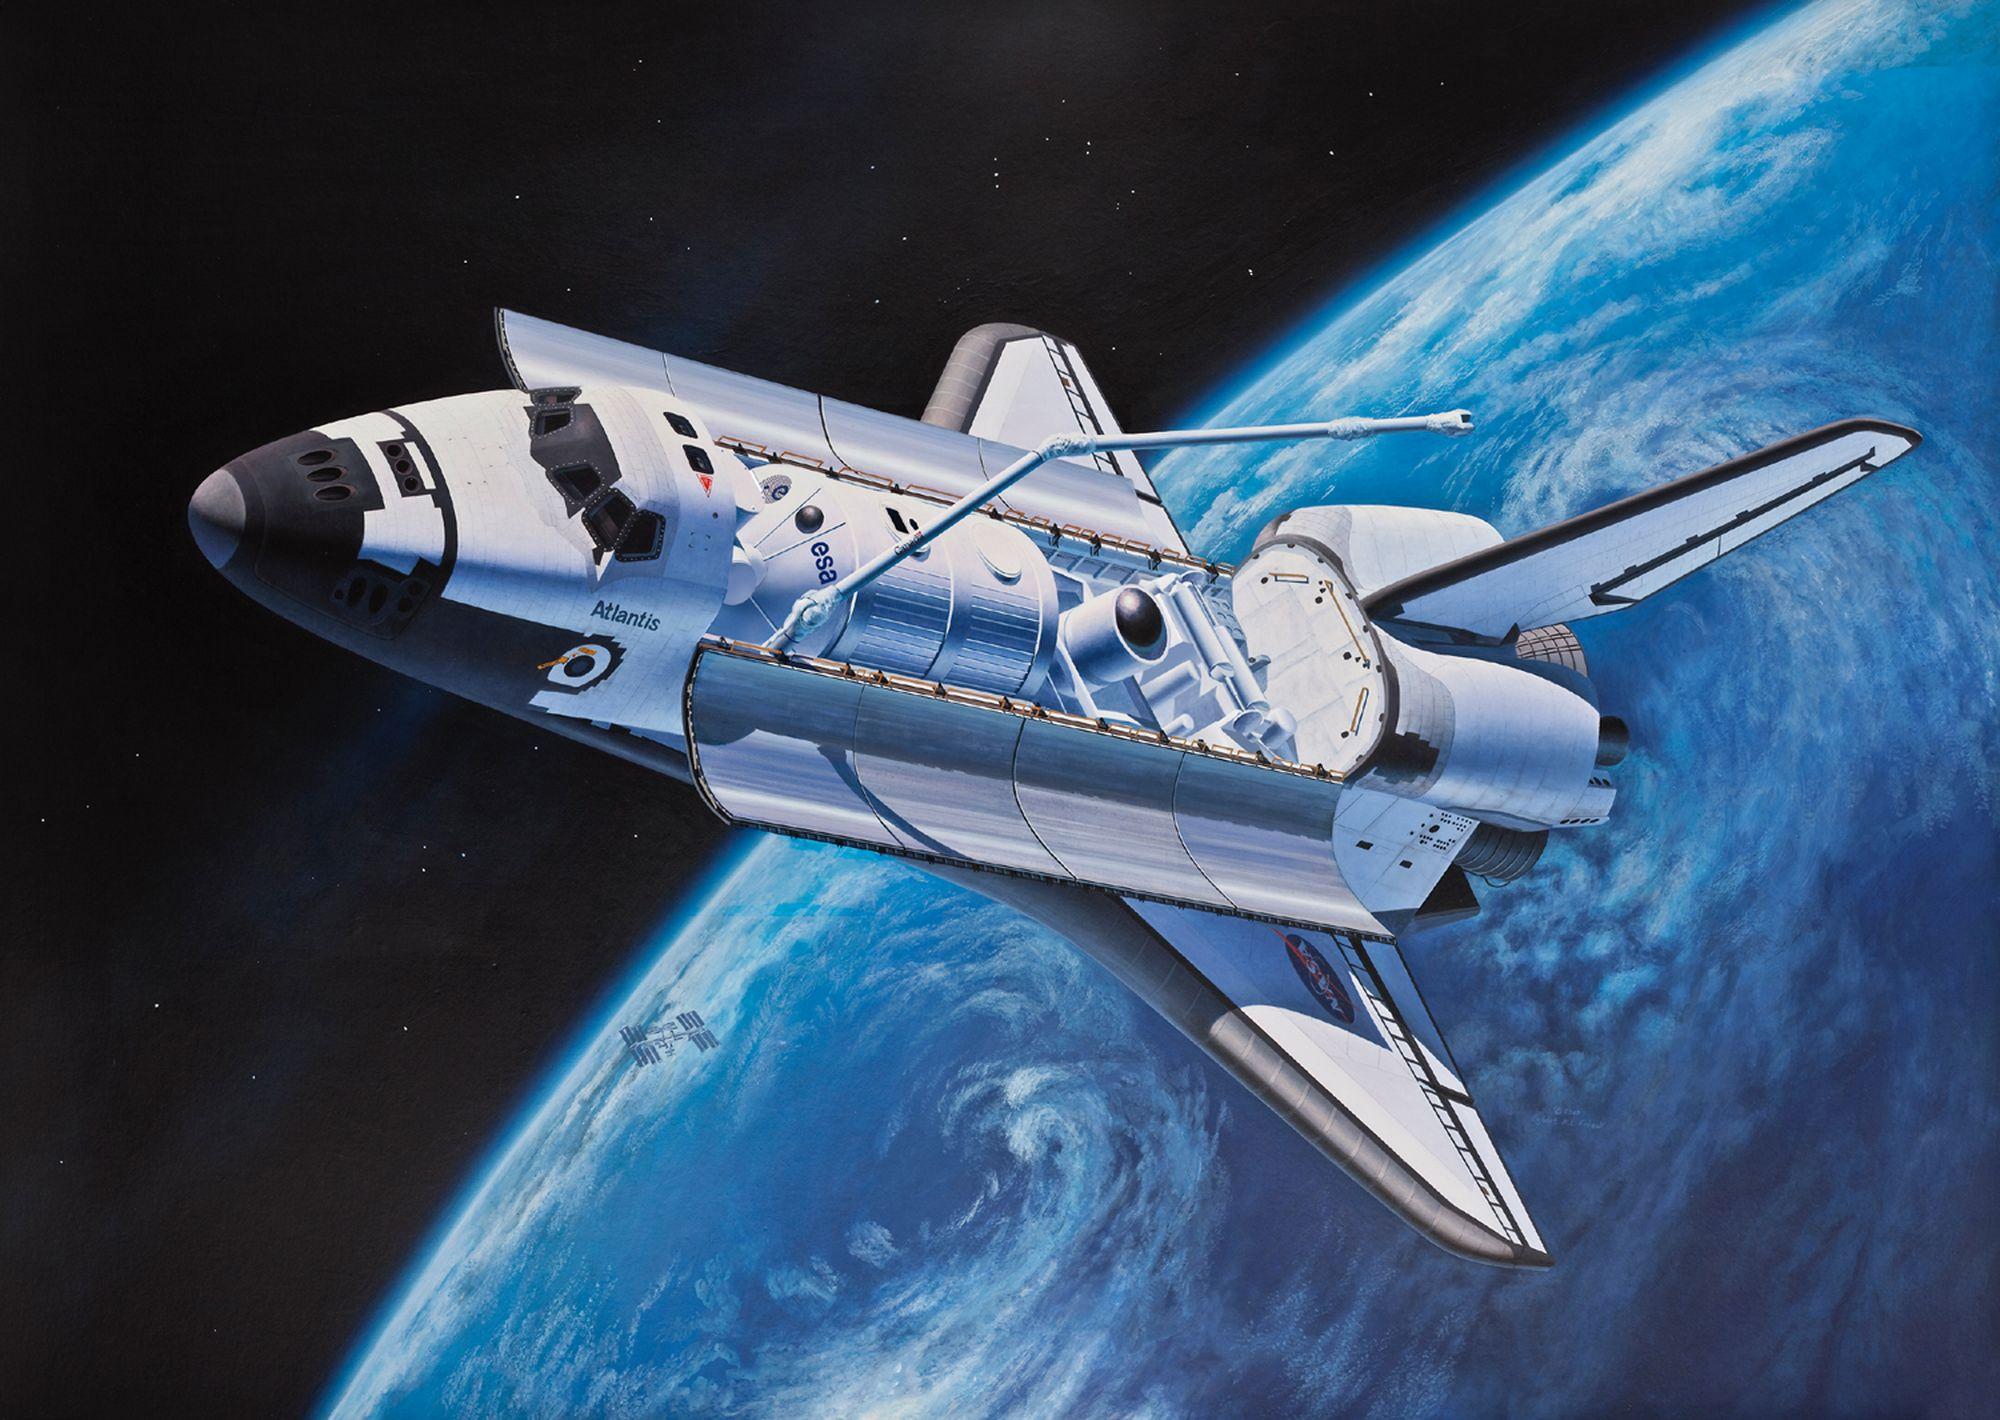 Revell-05673-Gift-Set-Space-Shuttle-40th-Anniversary Revell Neuheiten 2021